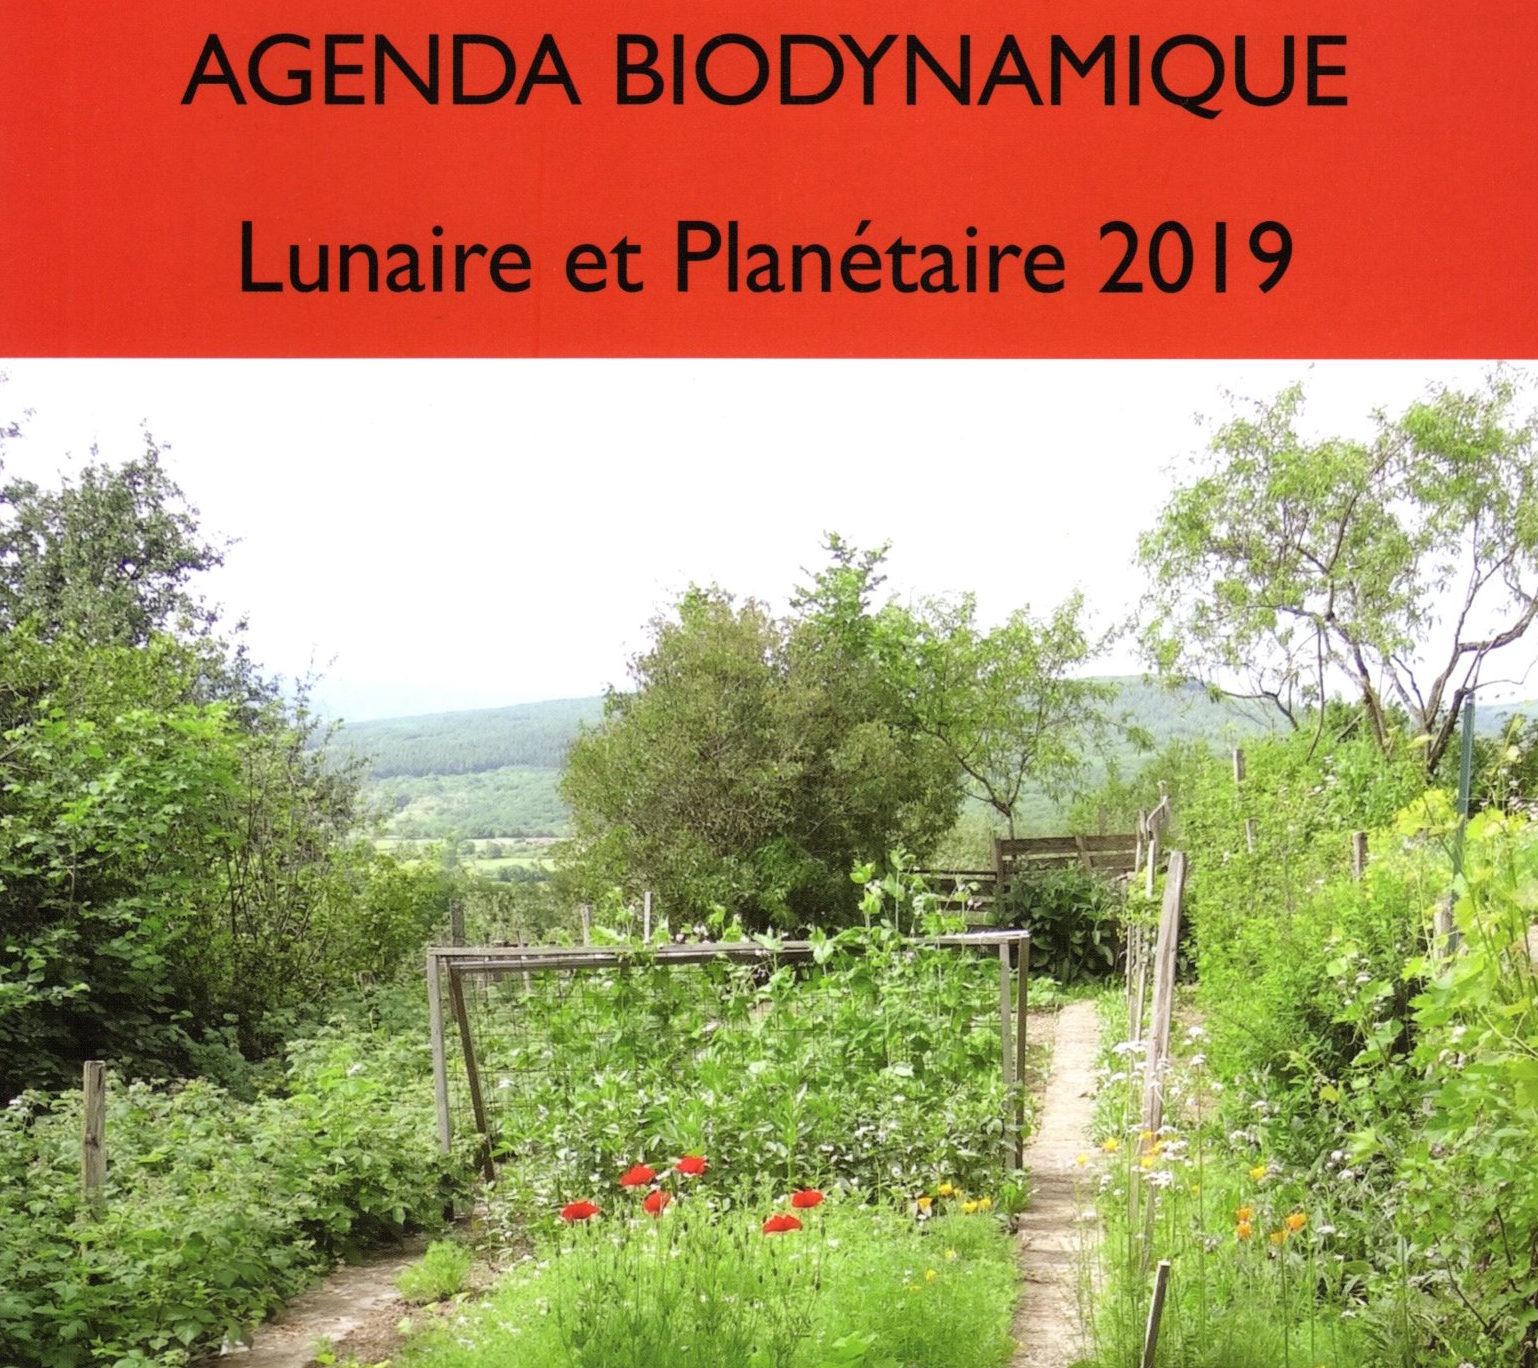 Calendrier Des Semis Biodynamique.A Agenda Biodynamique Lunaire Et Planetaire 2019